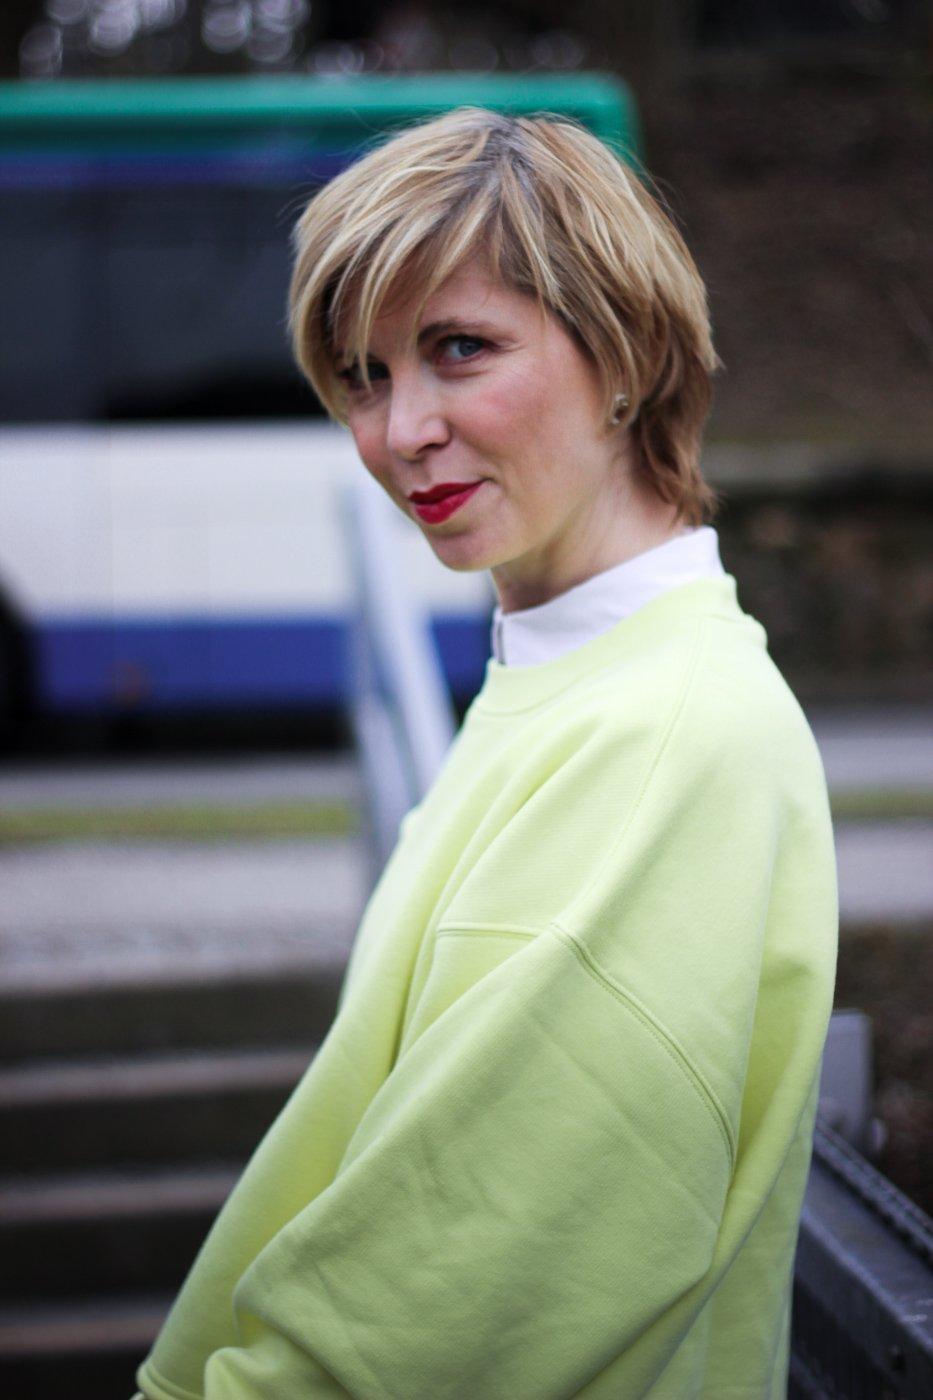 conny doll lifestyle: LeGer, Frühlingslook, gelber Pullover, weiße Bluse